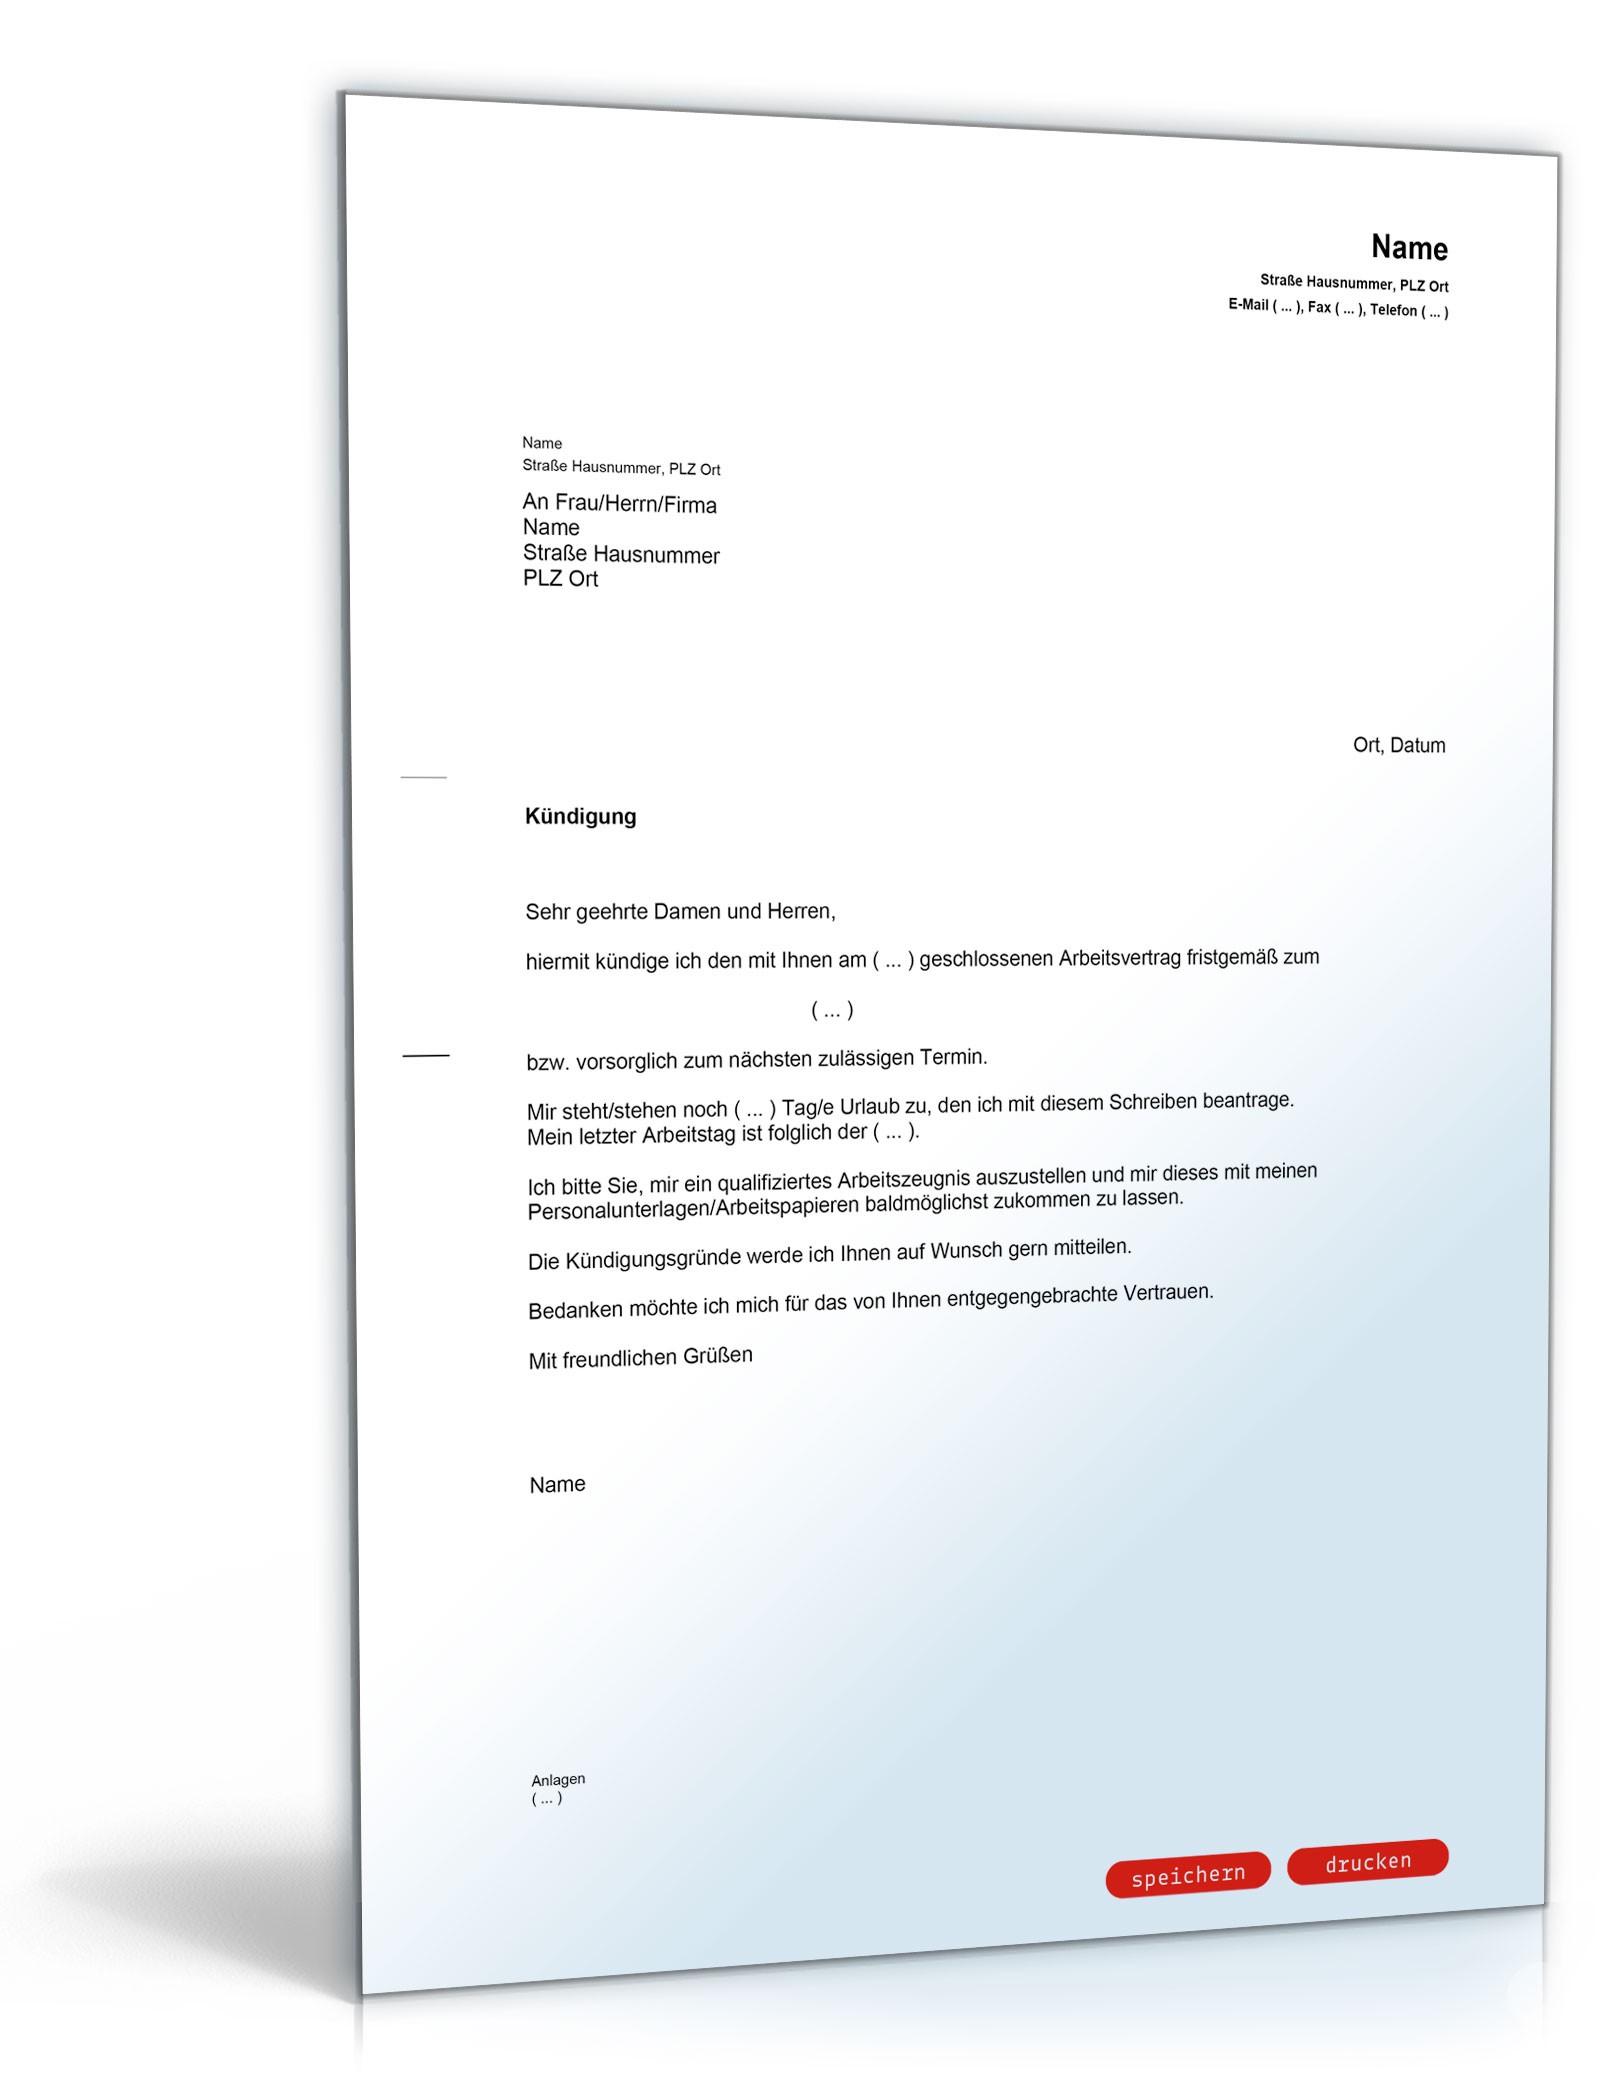 Kündigung Dienstvertrag (fristgemäß, Dienstnehmer) - Muster-Vorlage ...